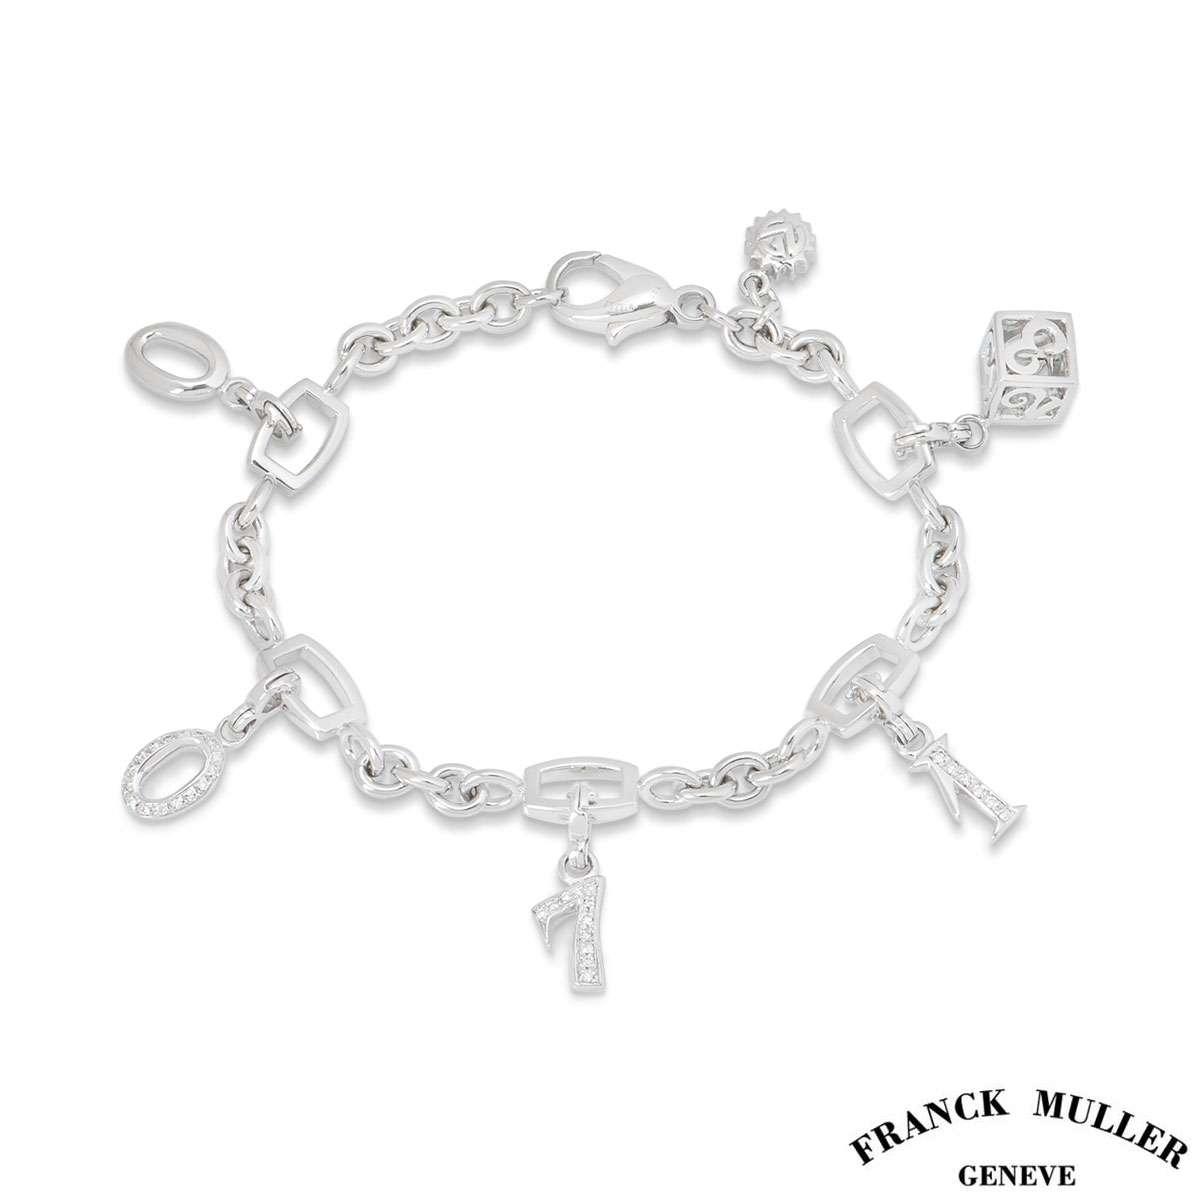 Franck Muller 18k White Gold Charm Bracelet